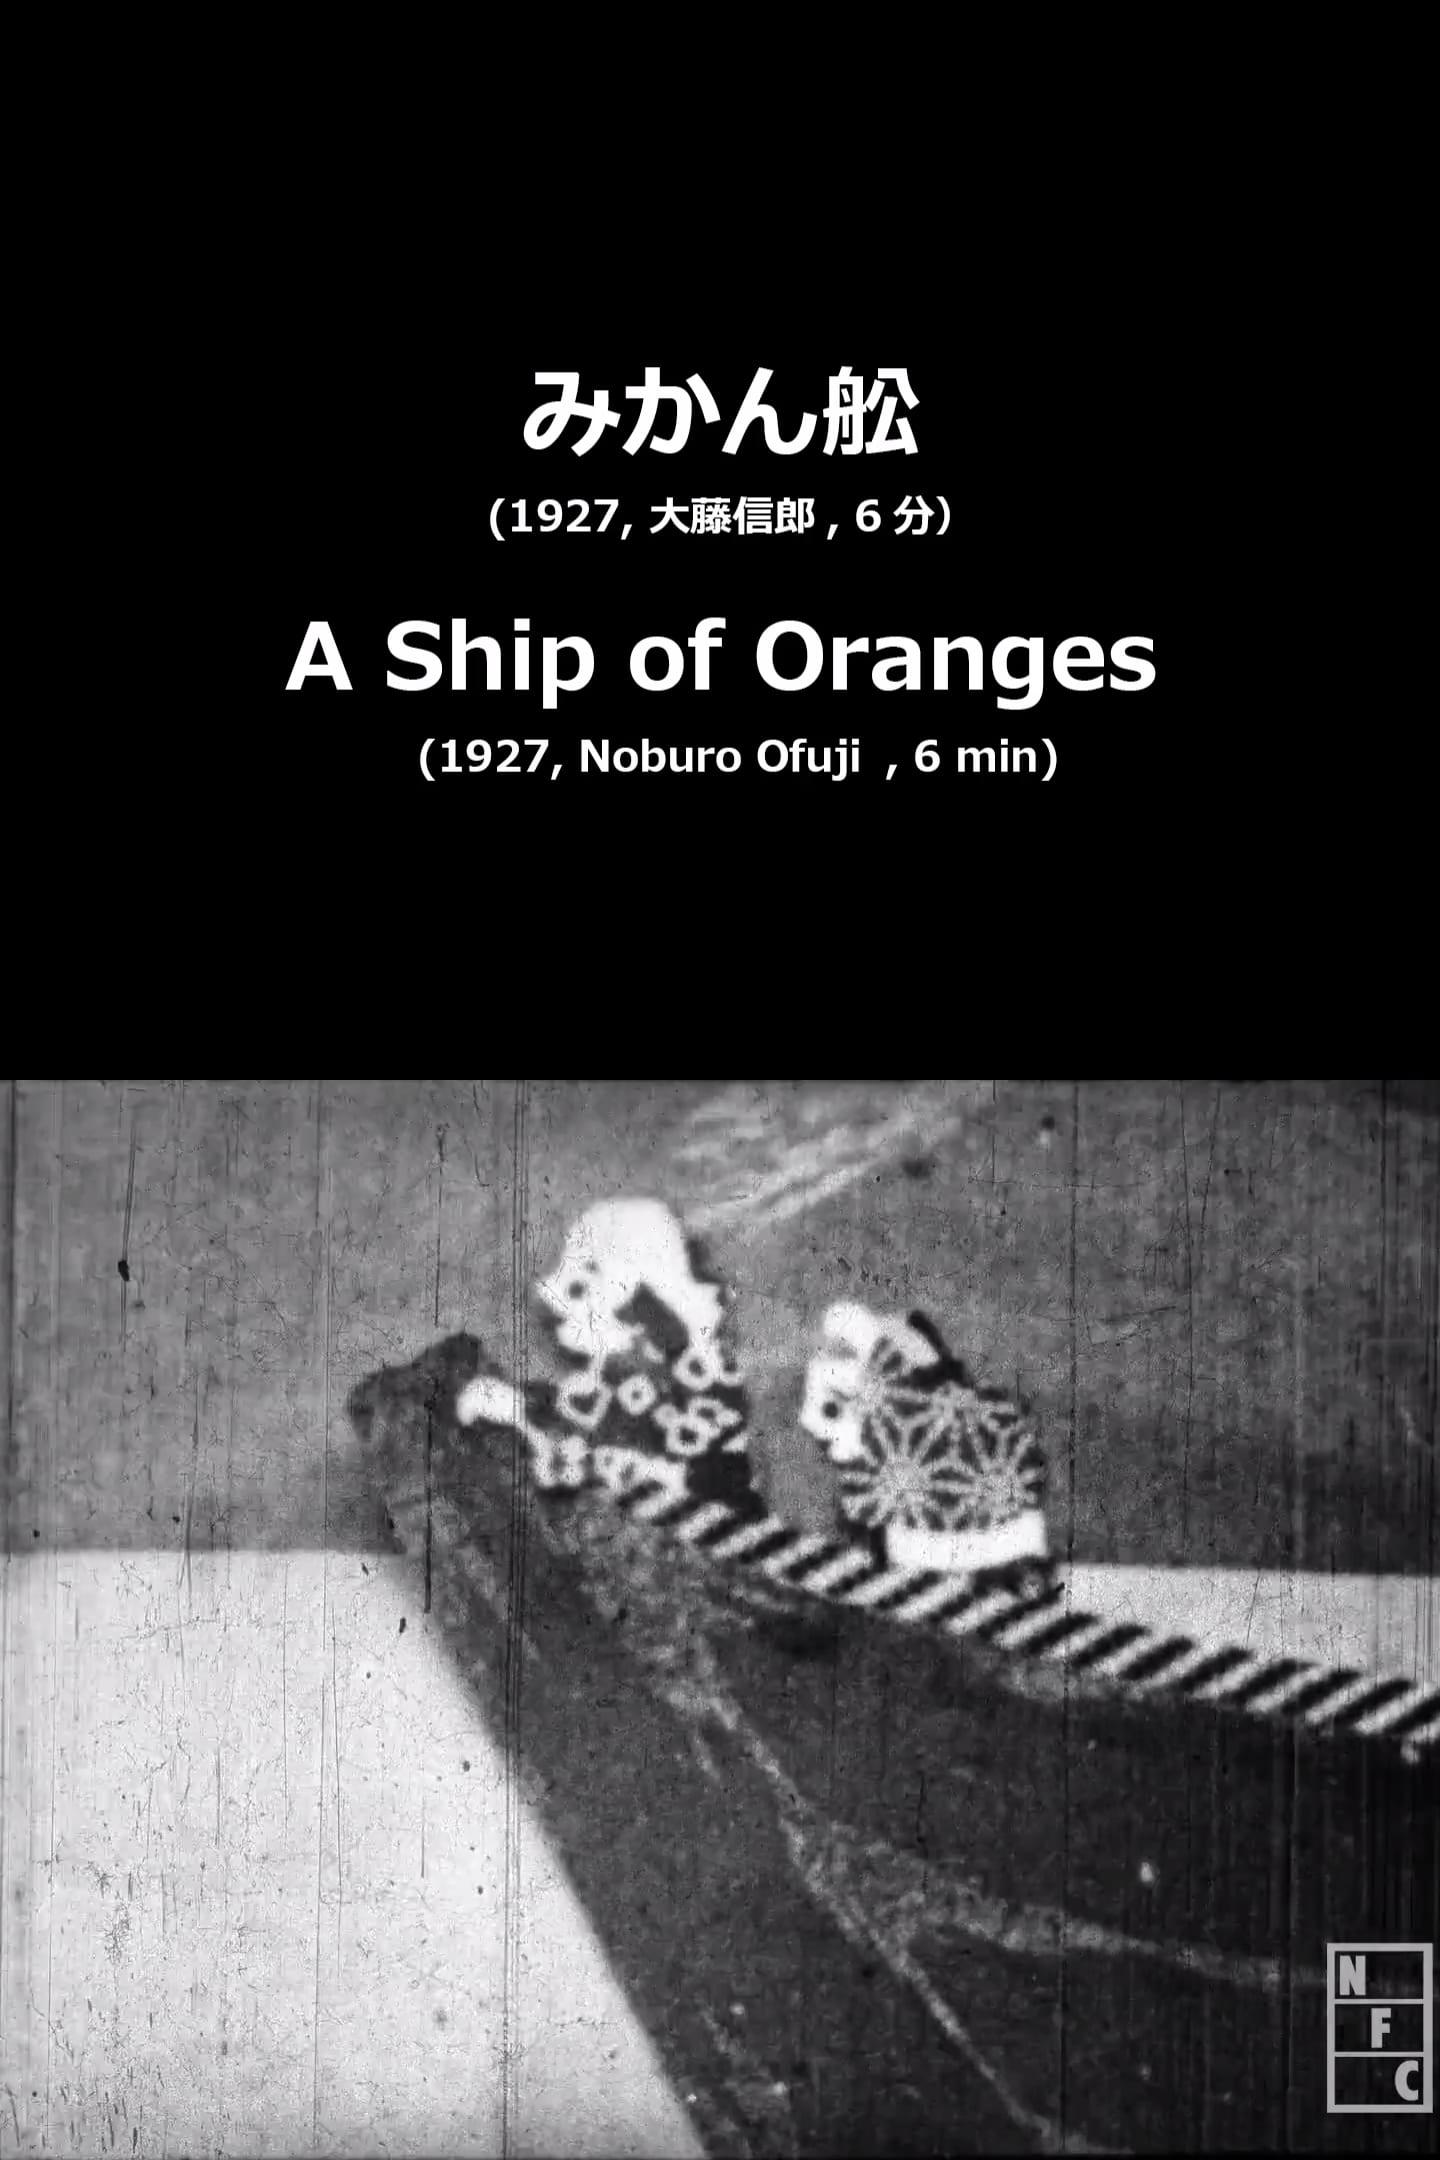 A Ship of Oranges